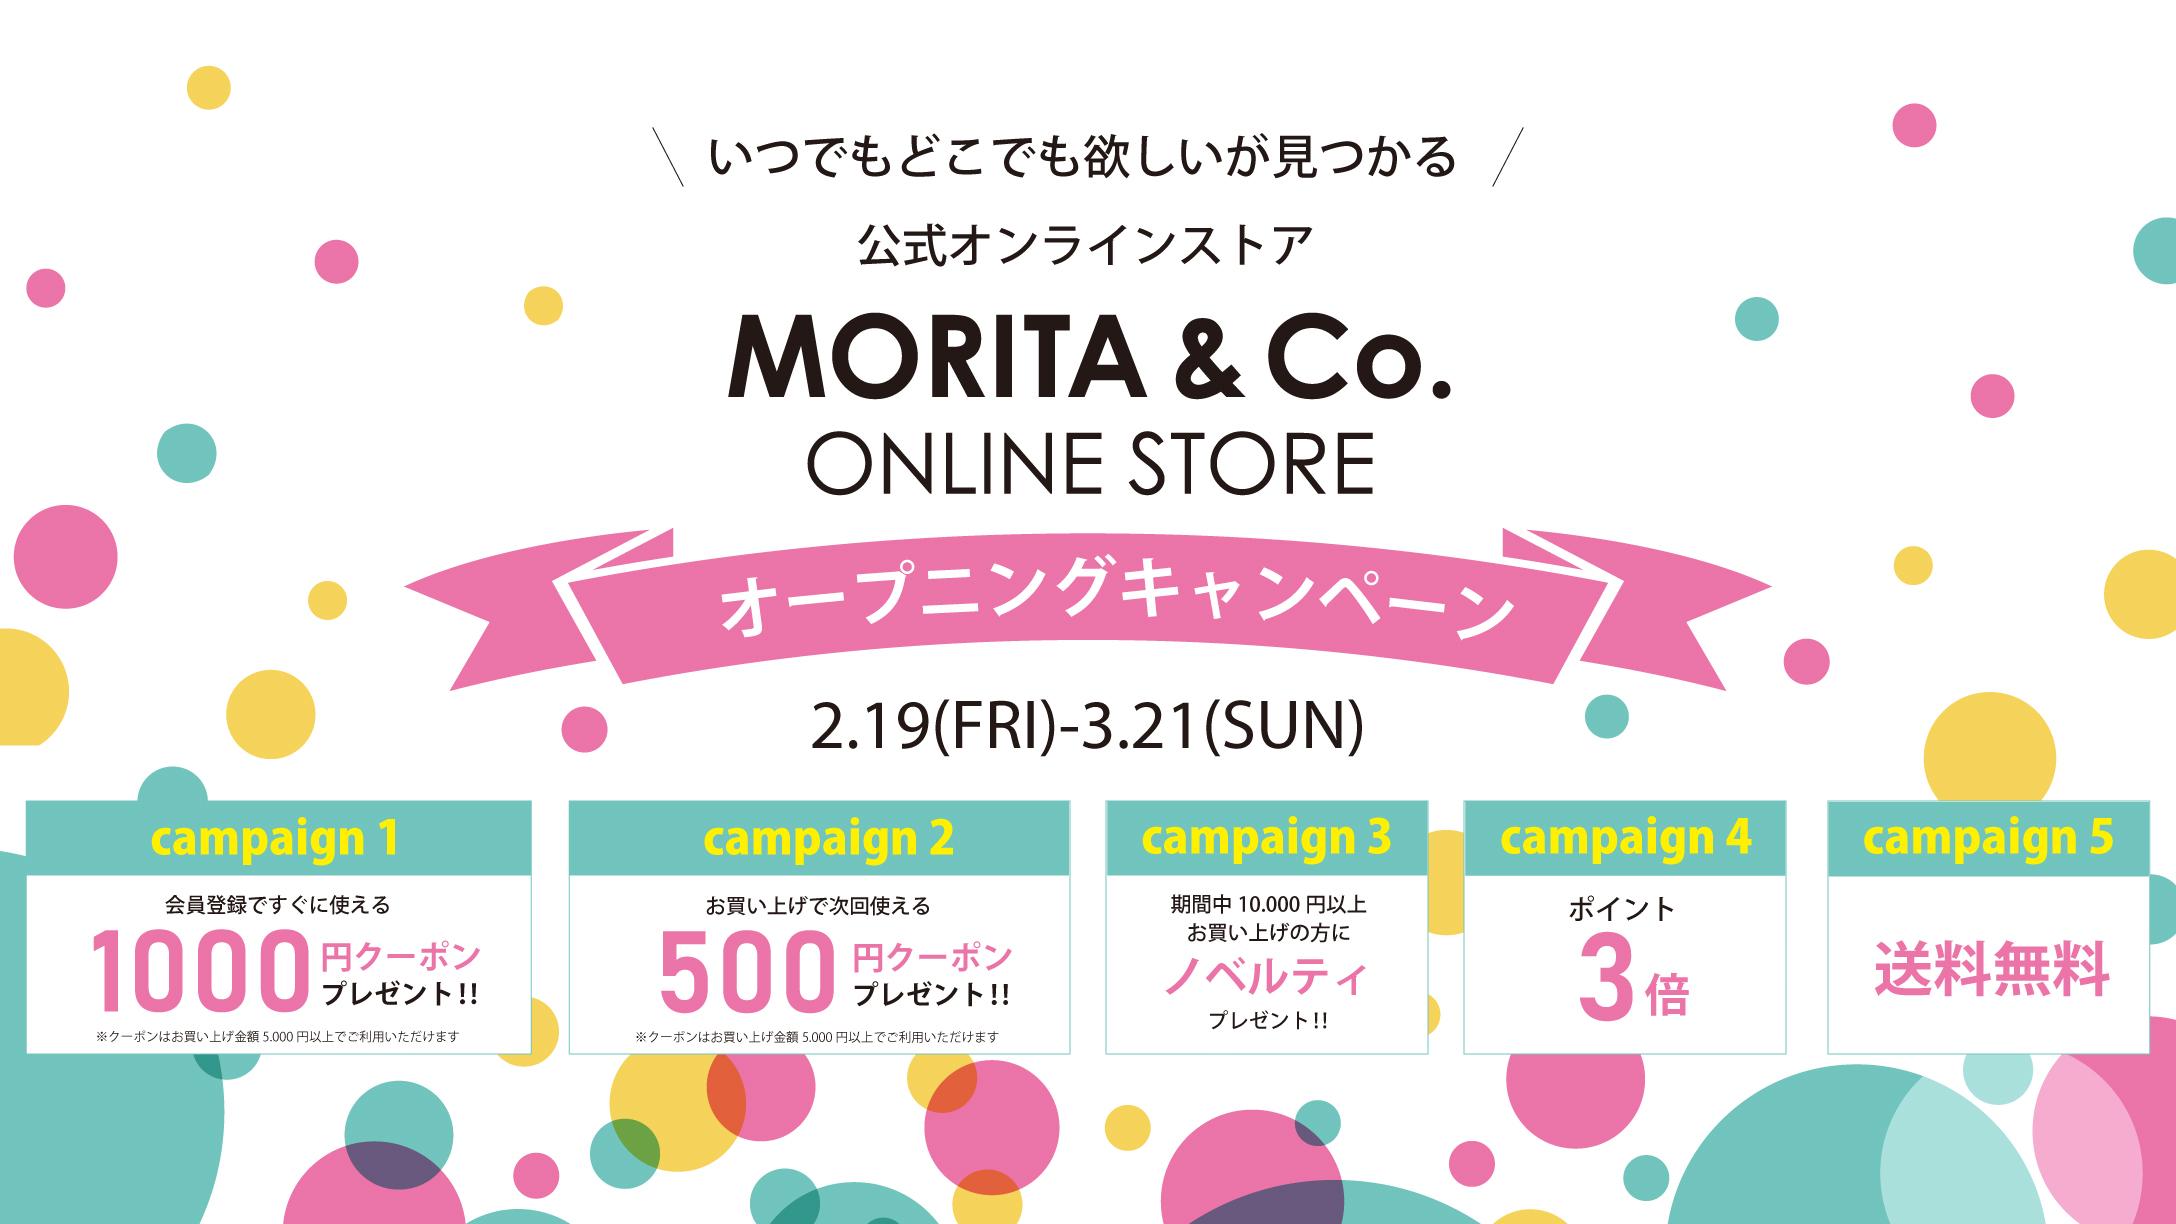 openbanner/morita/store/shop/open/coupon